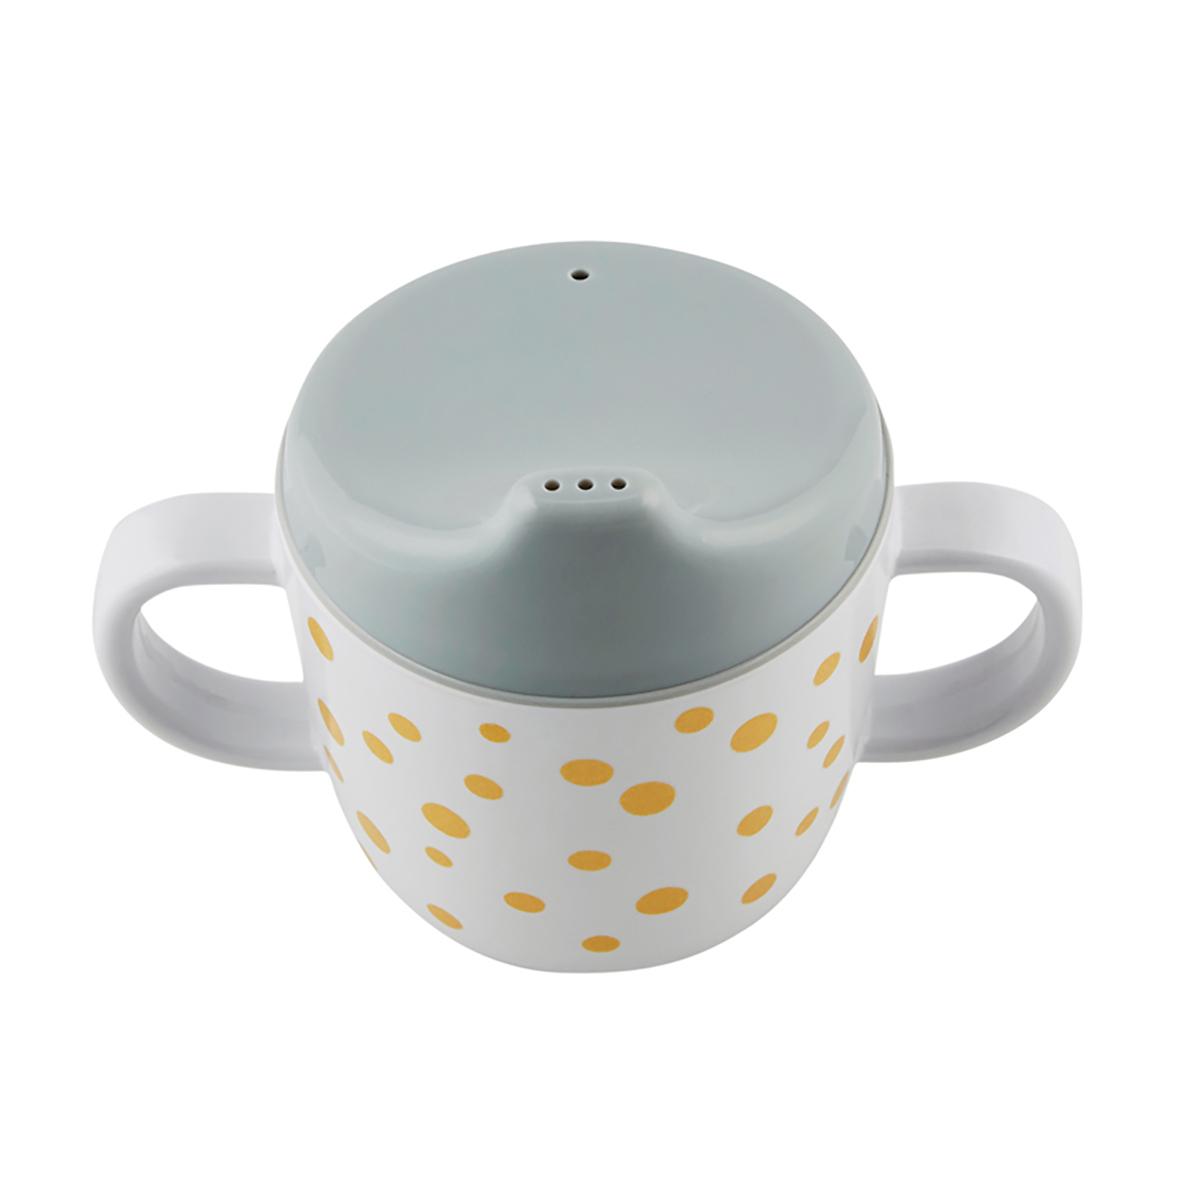 Tasse & Verre Tasse d'apprentissage - Dots - Or / Gris Tasse d'apprentissage - Dots - Or / Gris